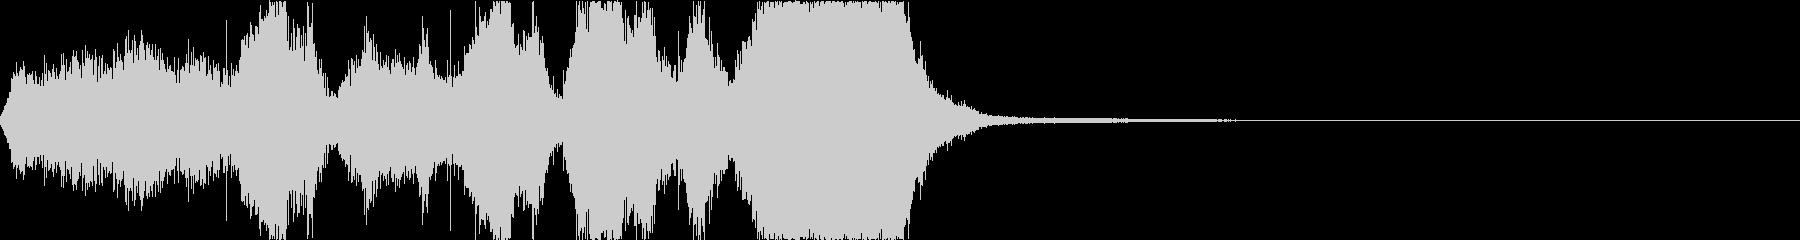 オーケストラによる力強いジングルの未再生の波形